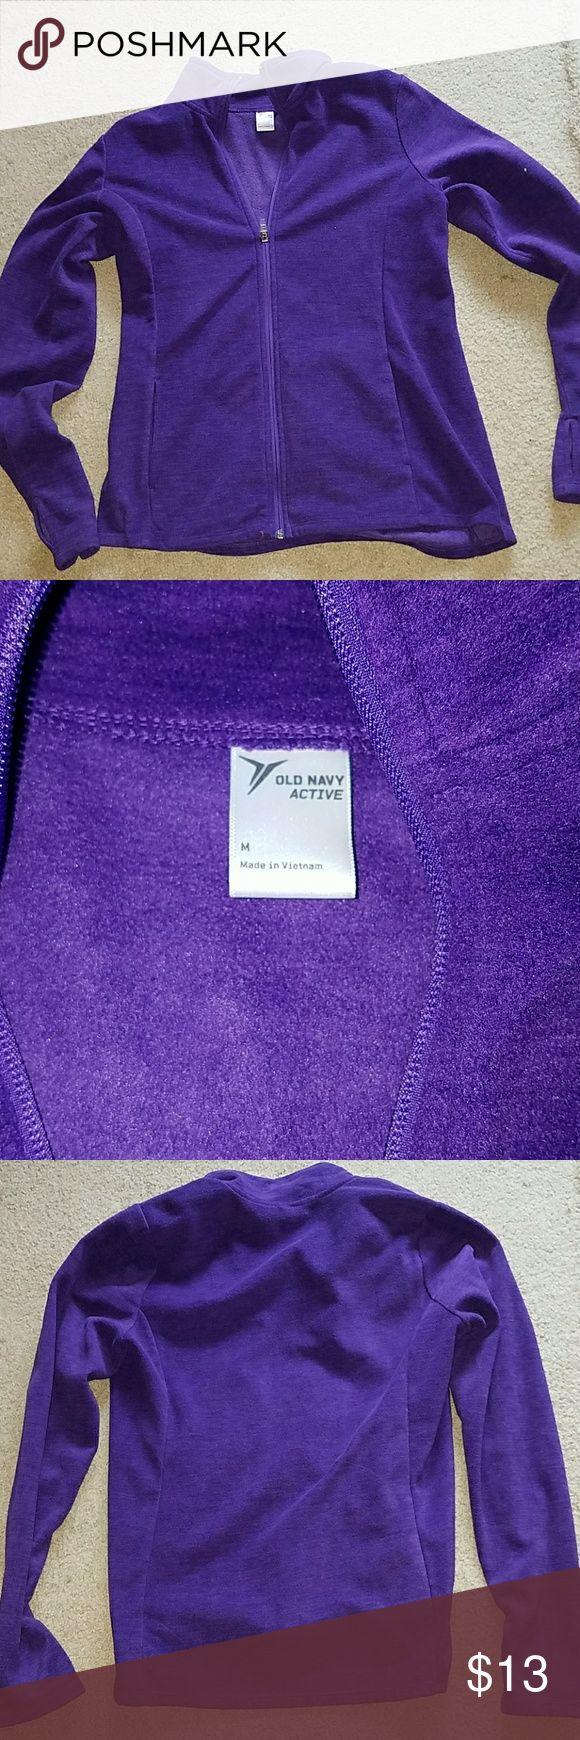 Purple Zip up sweatshirt Medium Old Navy Tops Sweatshirts & Hoodies